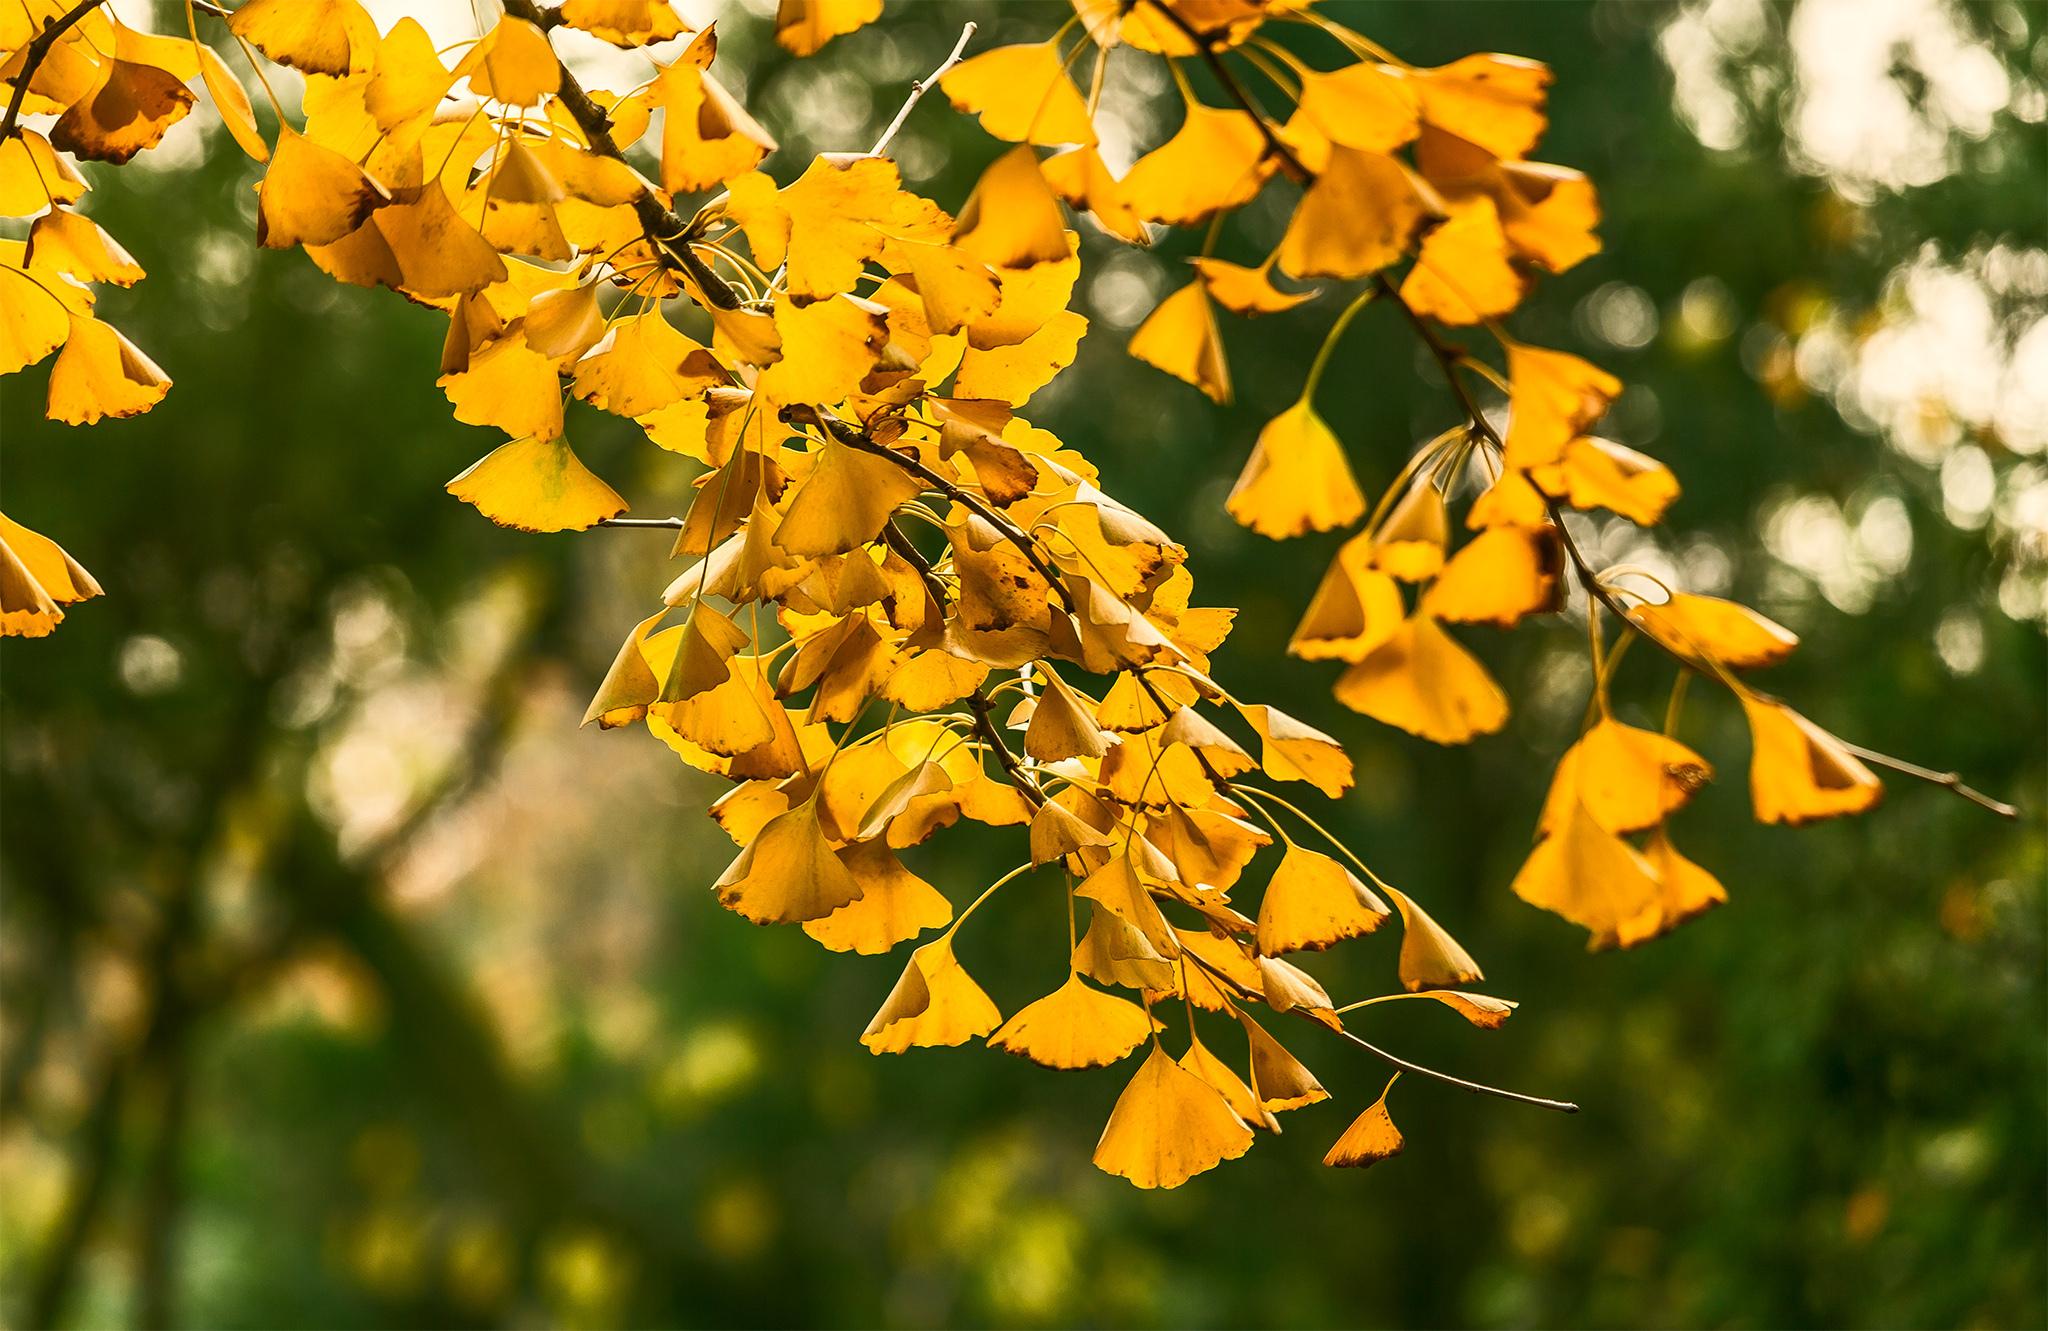 银杏,无锡惠山古镇秋天最美的诗意